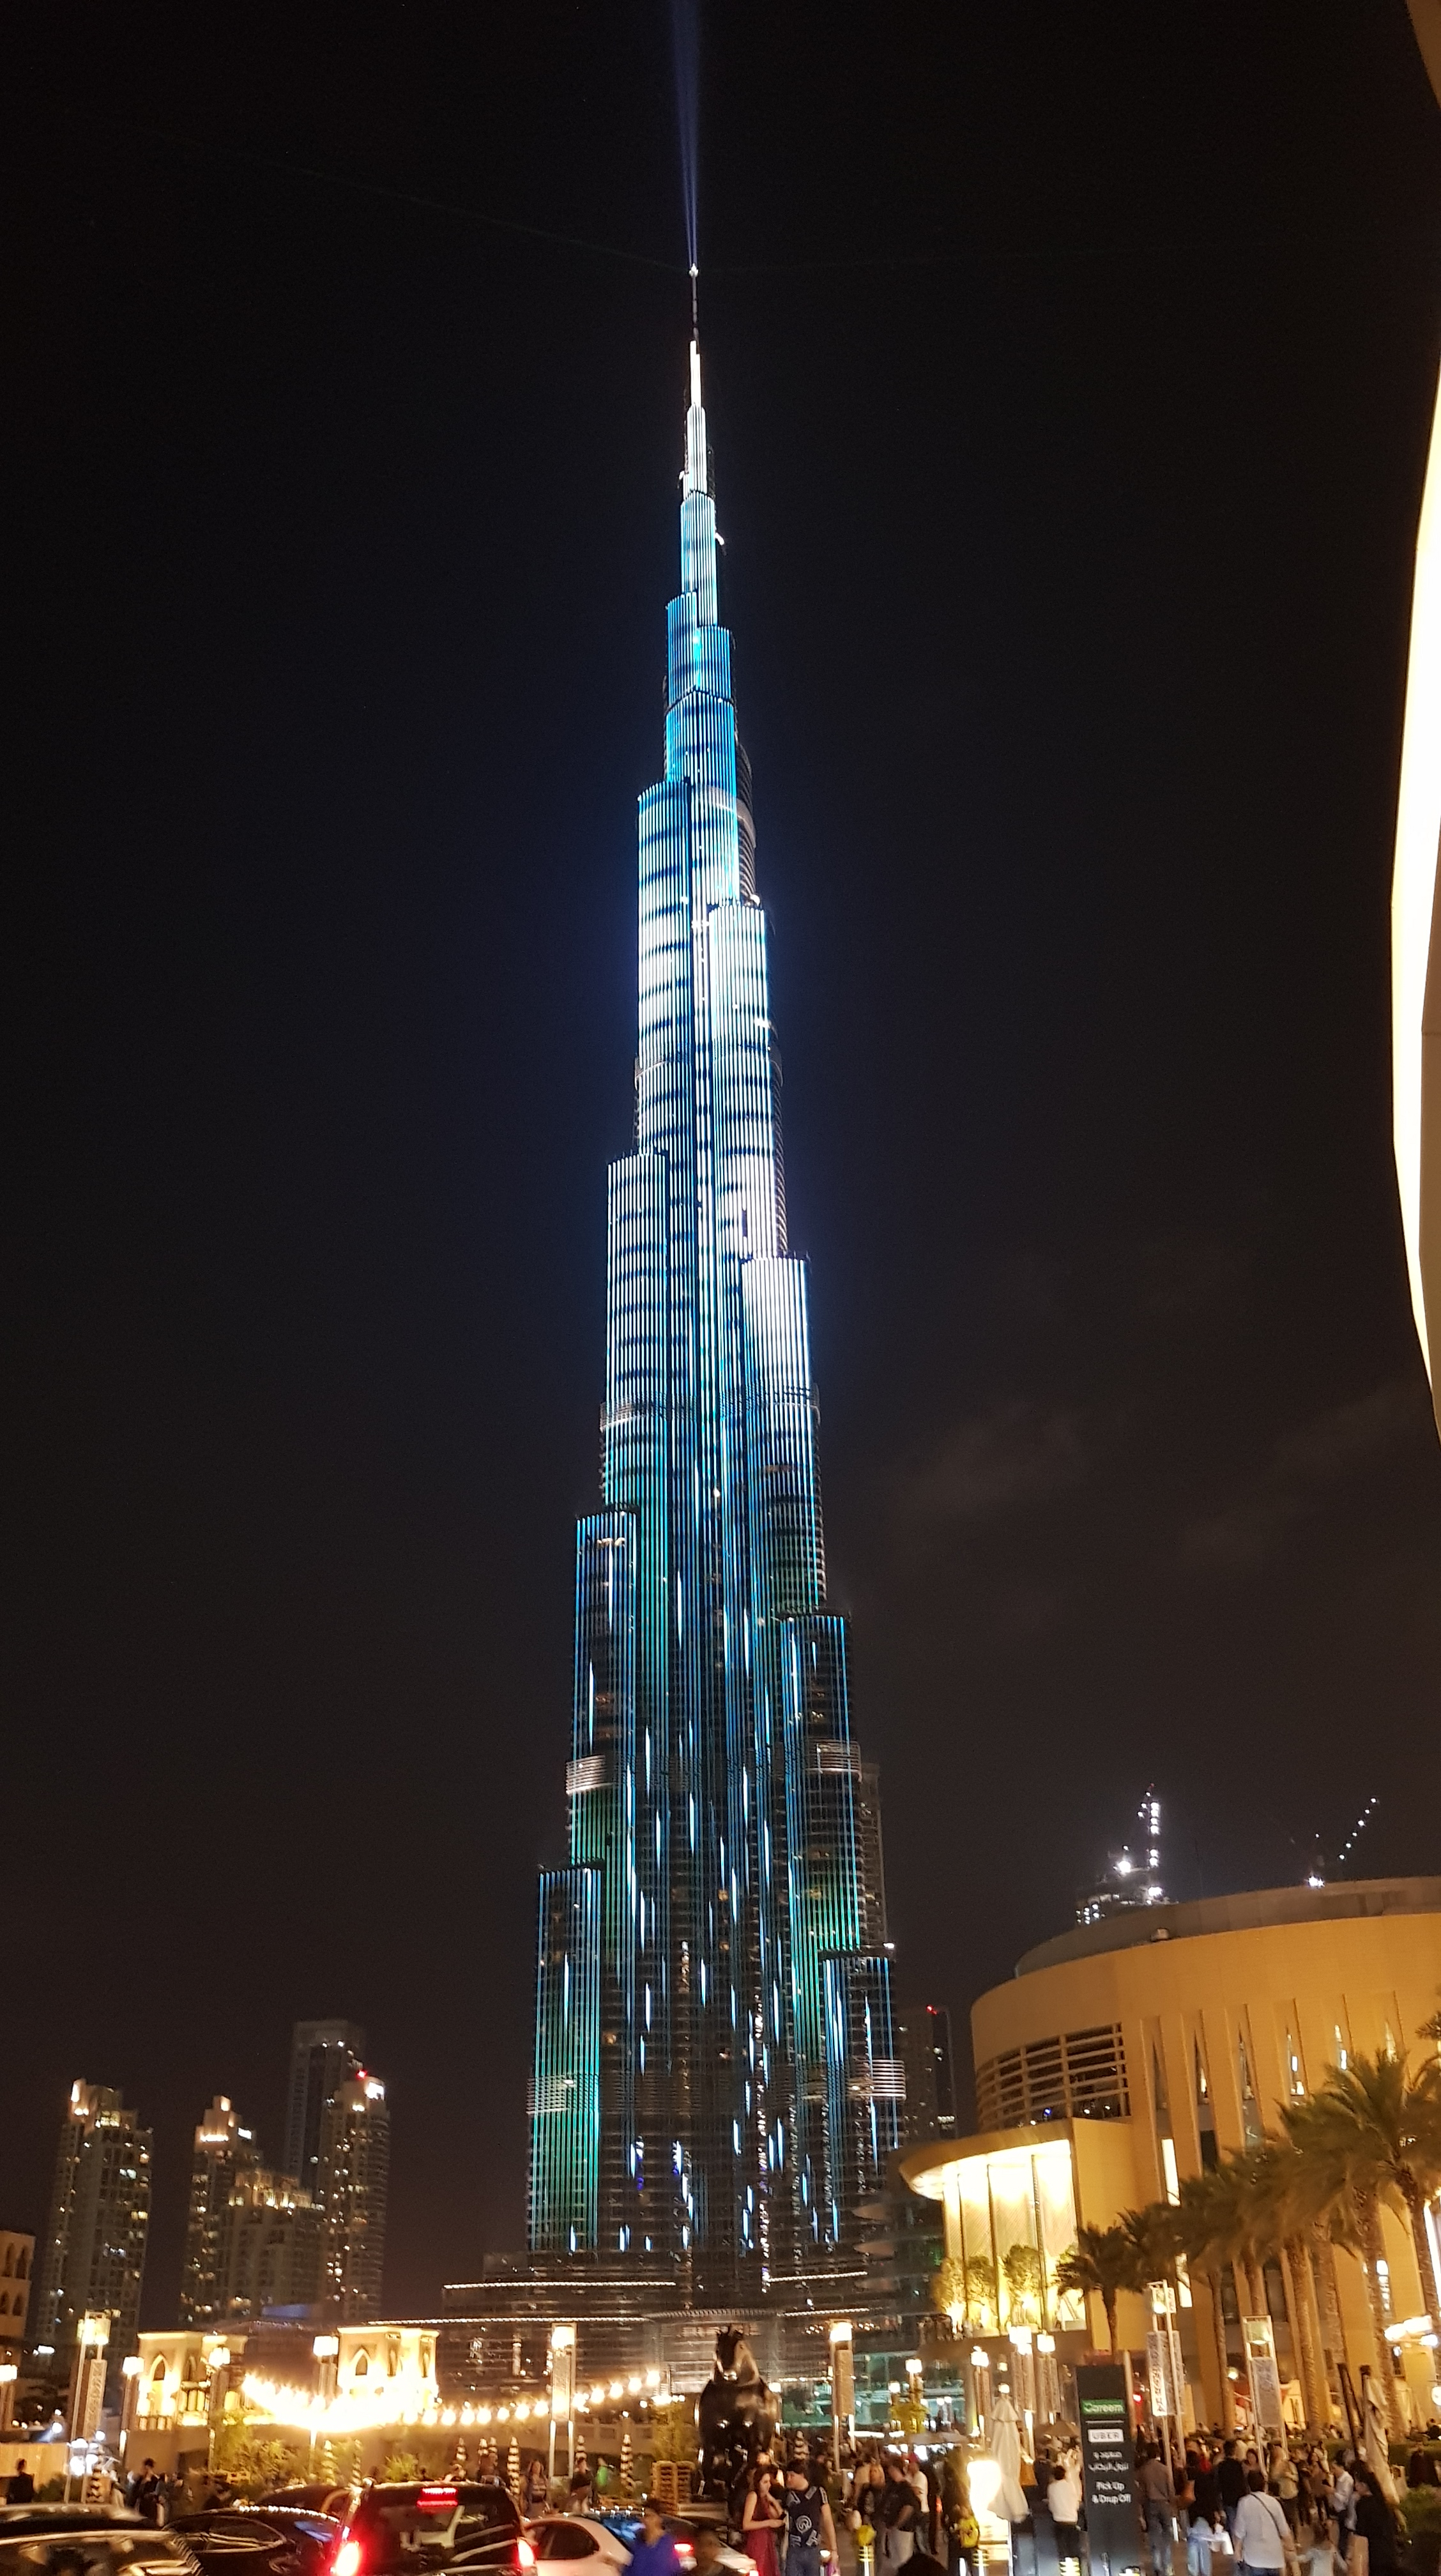 Upoznavanje preko interneta u Dubaiju